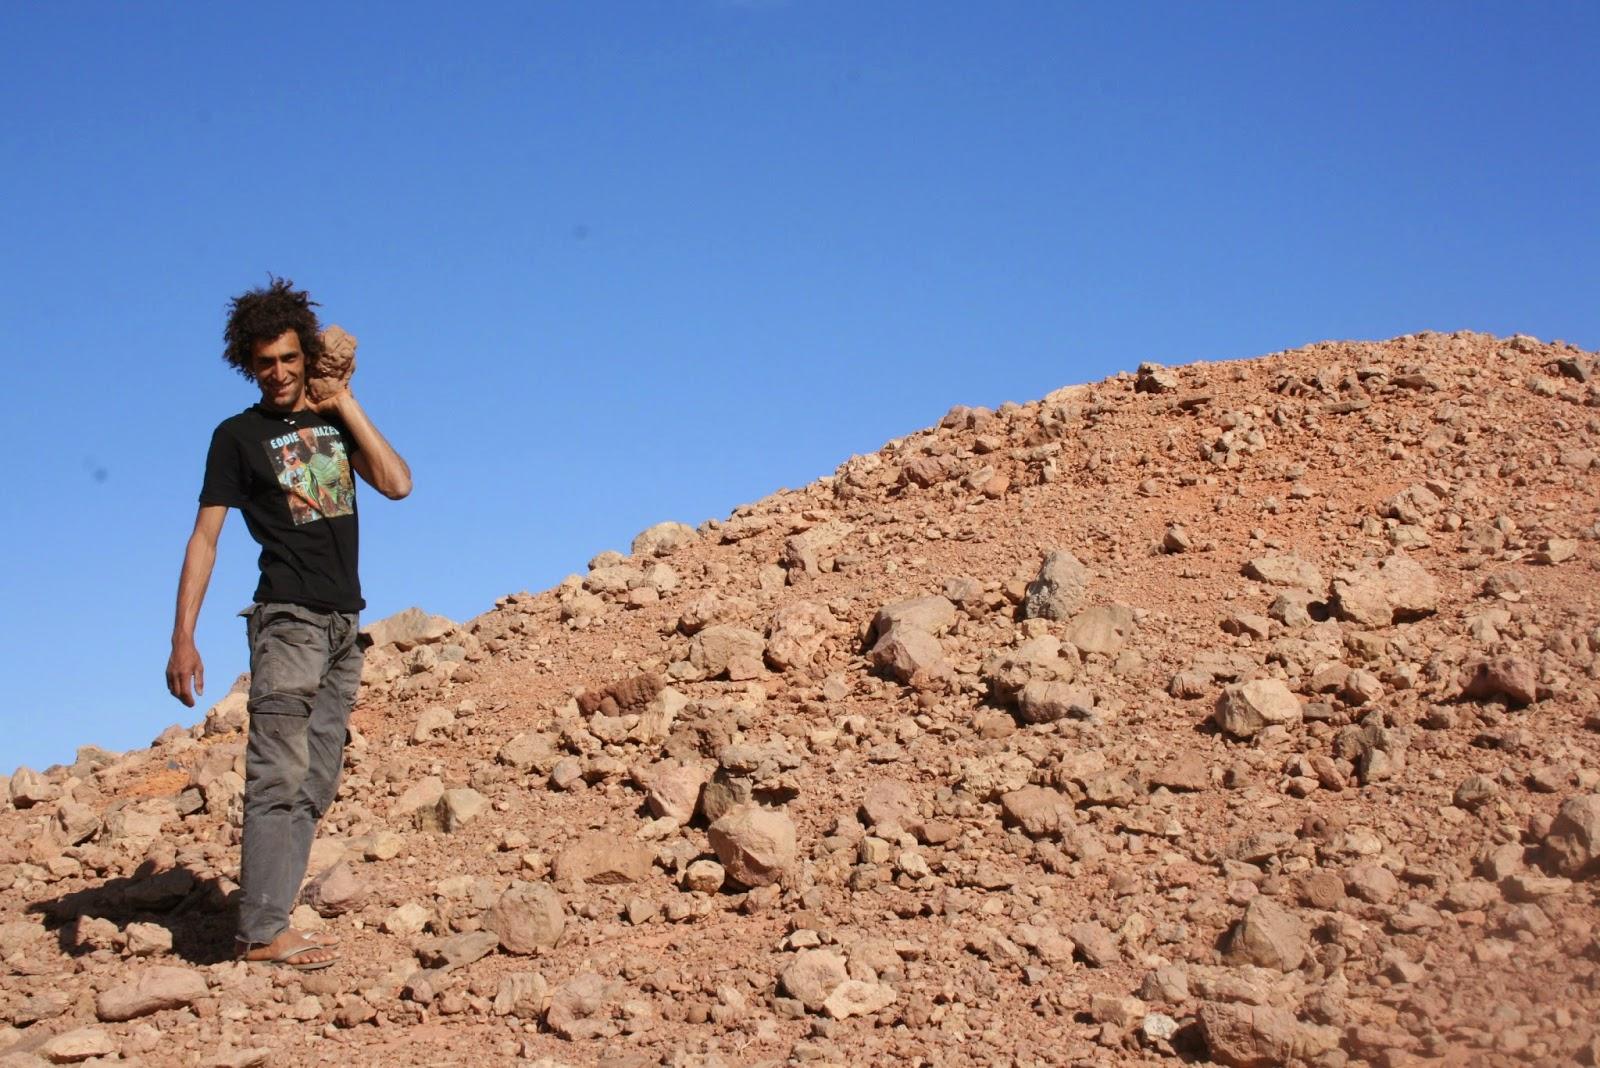 rosas del desierto, marruecos, arfoud, felicidad, alojamiento en arfoud, hotel, merzouga, erg chebi, viajar a marruecos